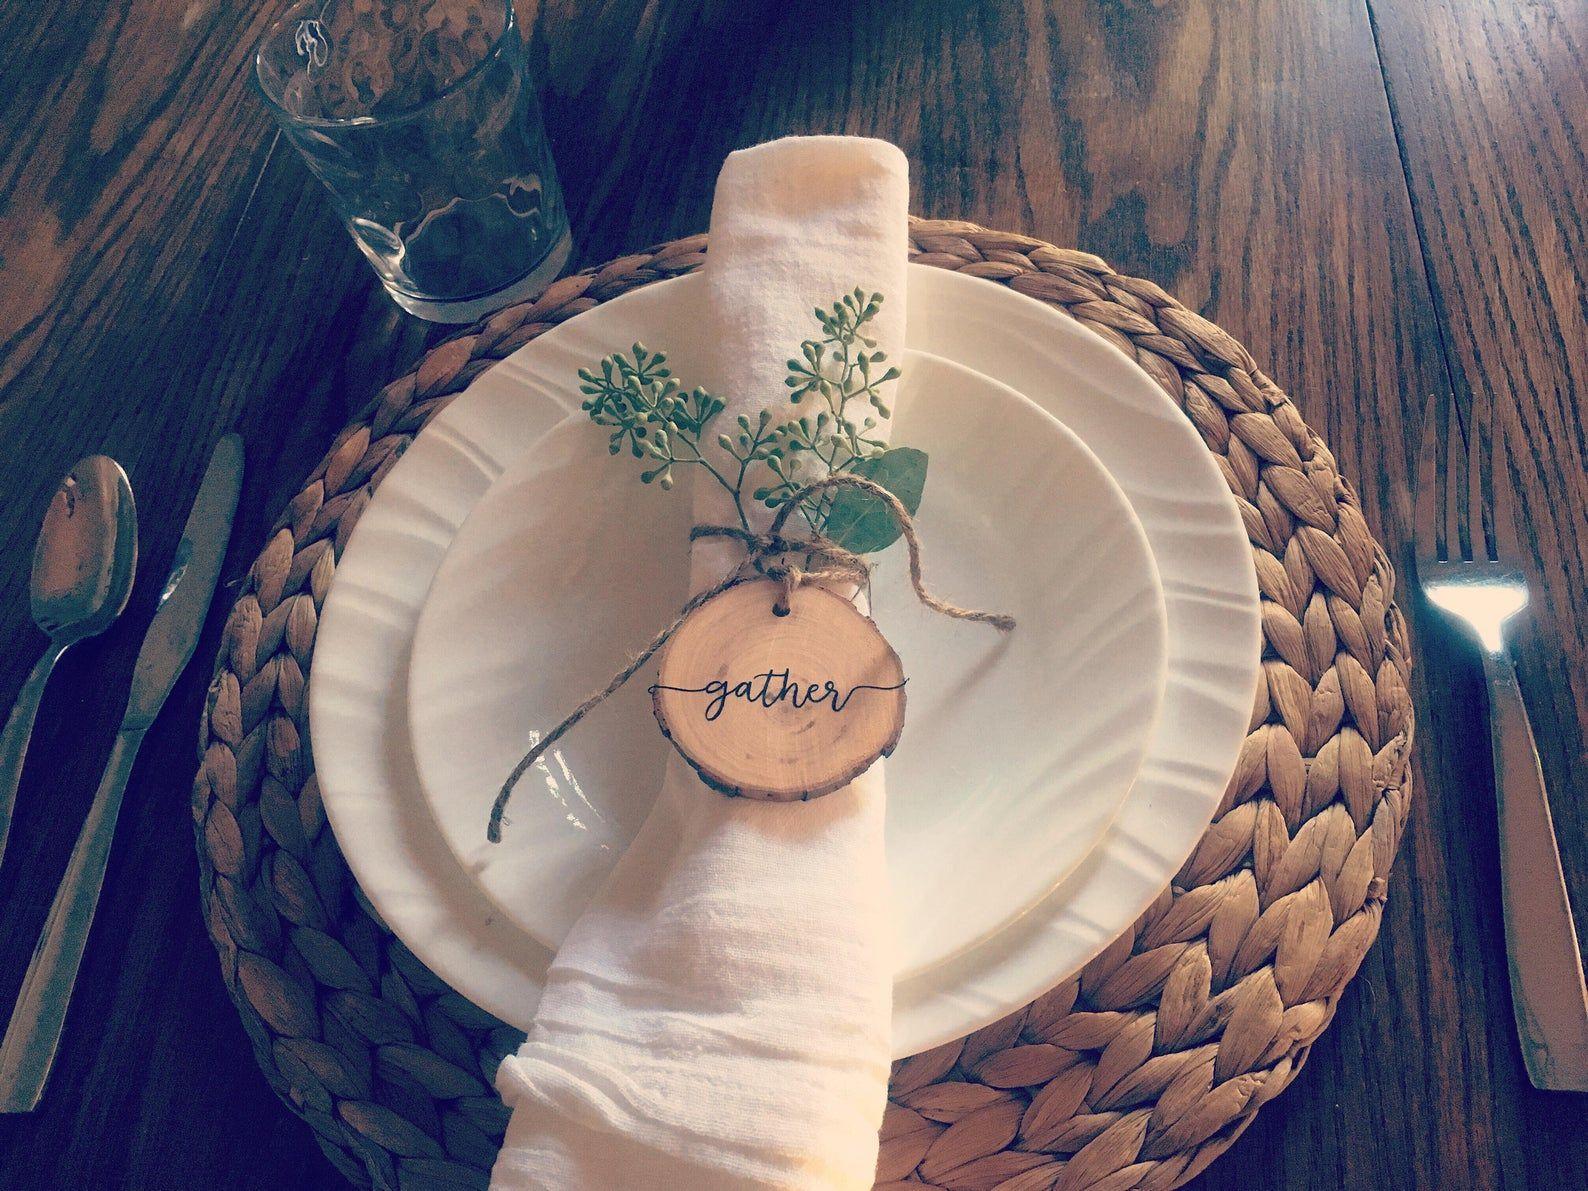 Napkin rings, Rustic napkin rings, personalized napkin rings, thanksgiving, table setting decor, custom napkin rings, Rustic Ornaments #napkinrings